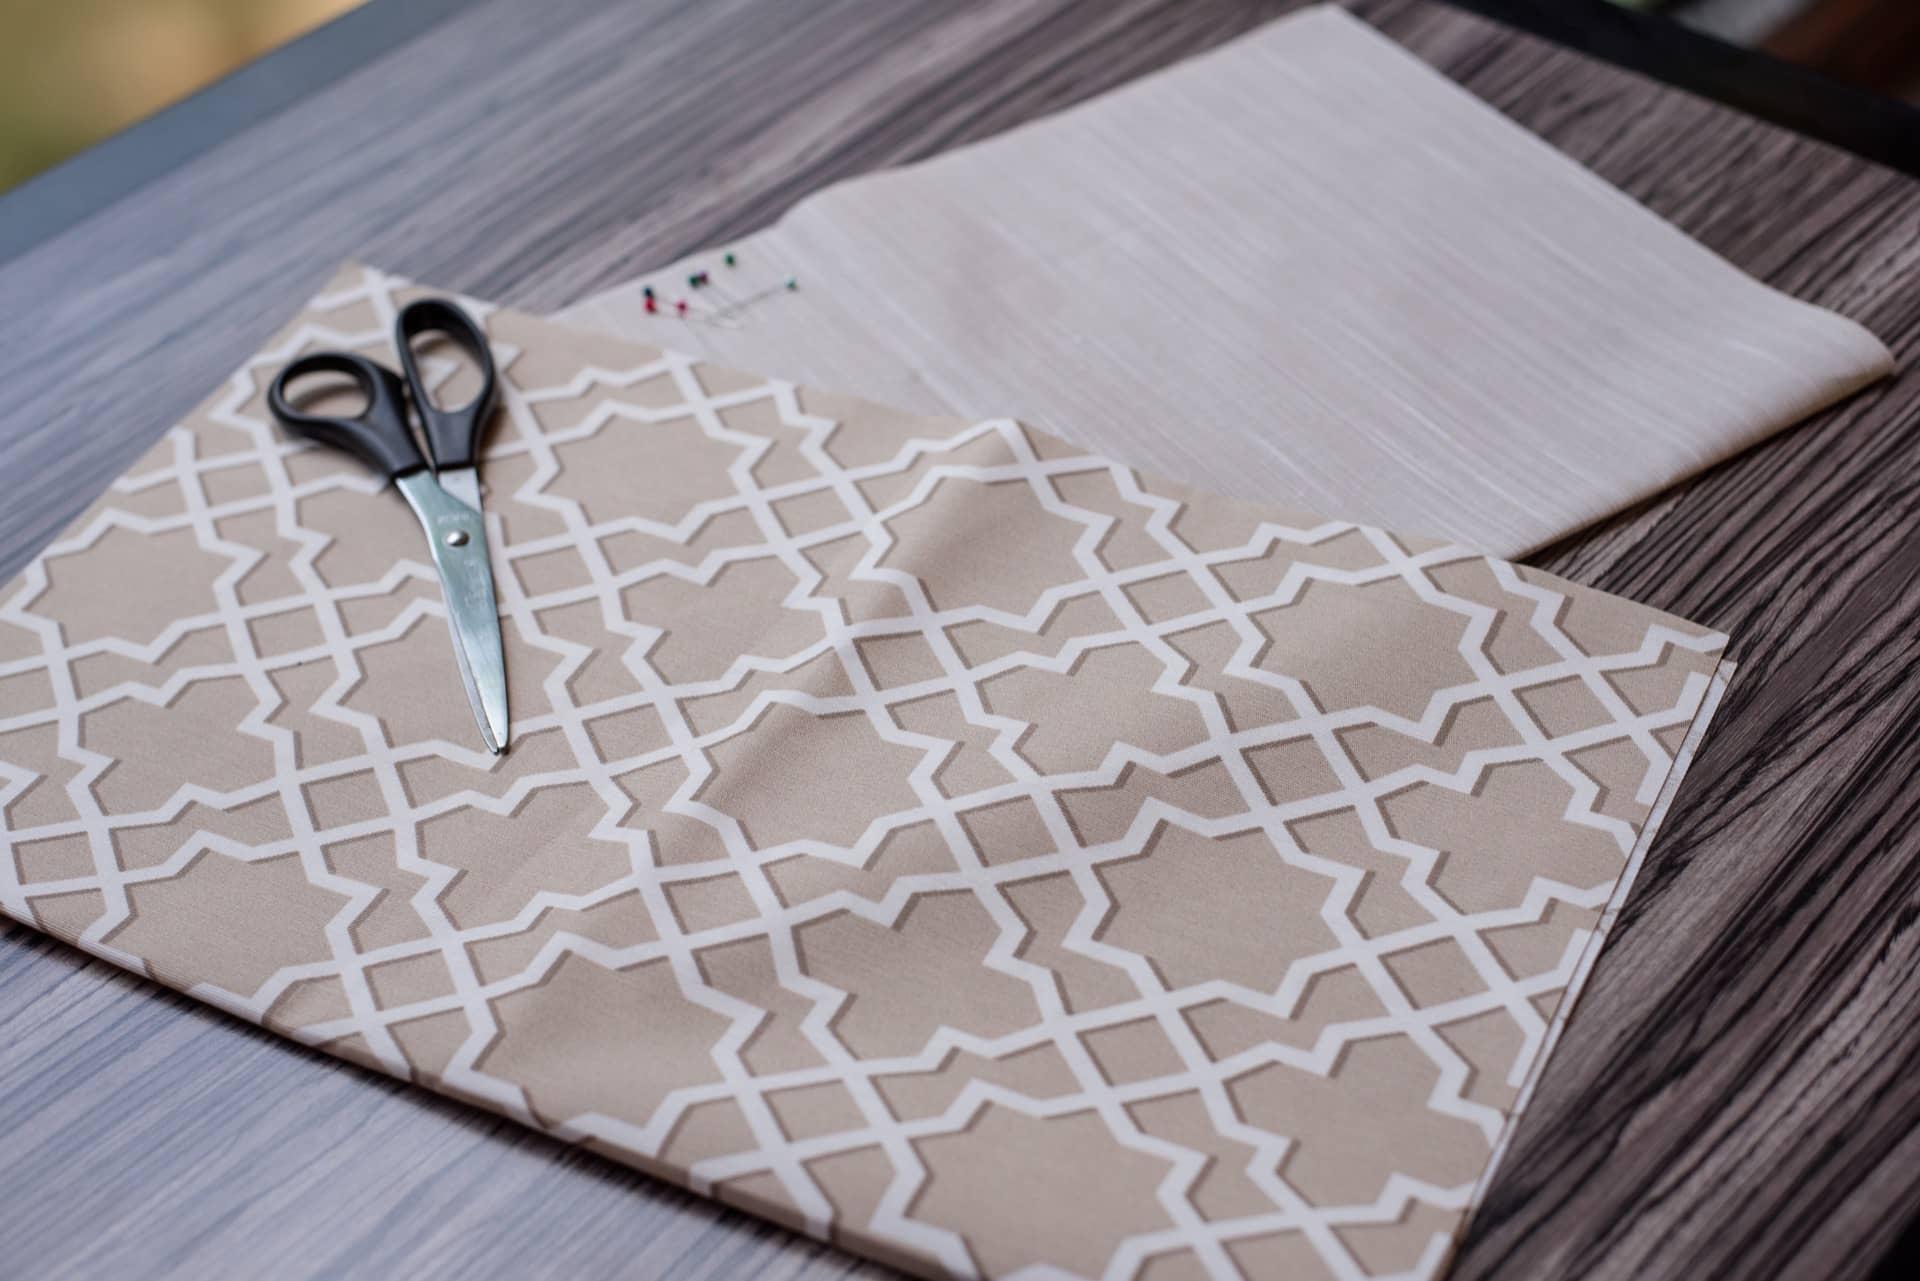 Passo 1: Recorte dois retângulos de tecido parao jogo americano medindo37 cm x 47 cm, cada. Foto: Karla Rudnick